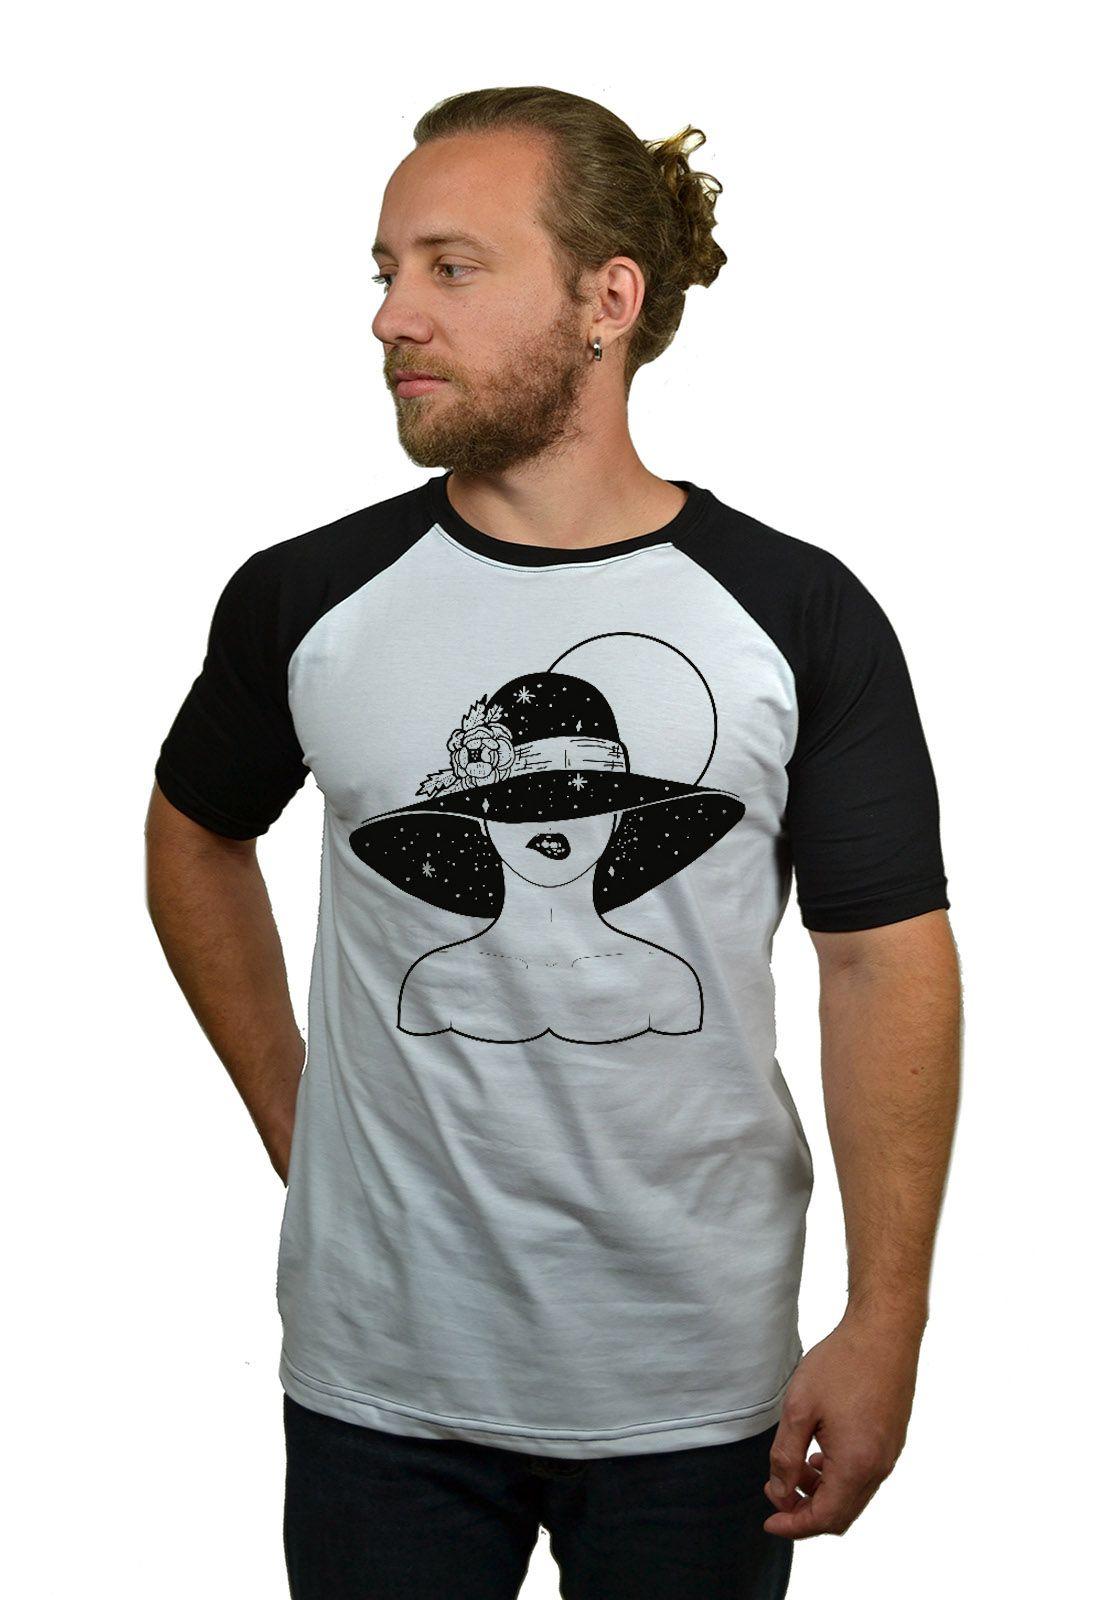 Camiseta Raglan Hshop Bite Me - Branco com Preto  - HShop